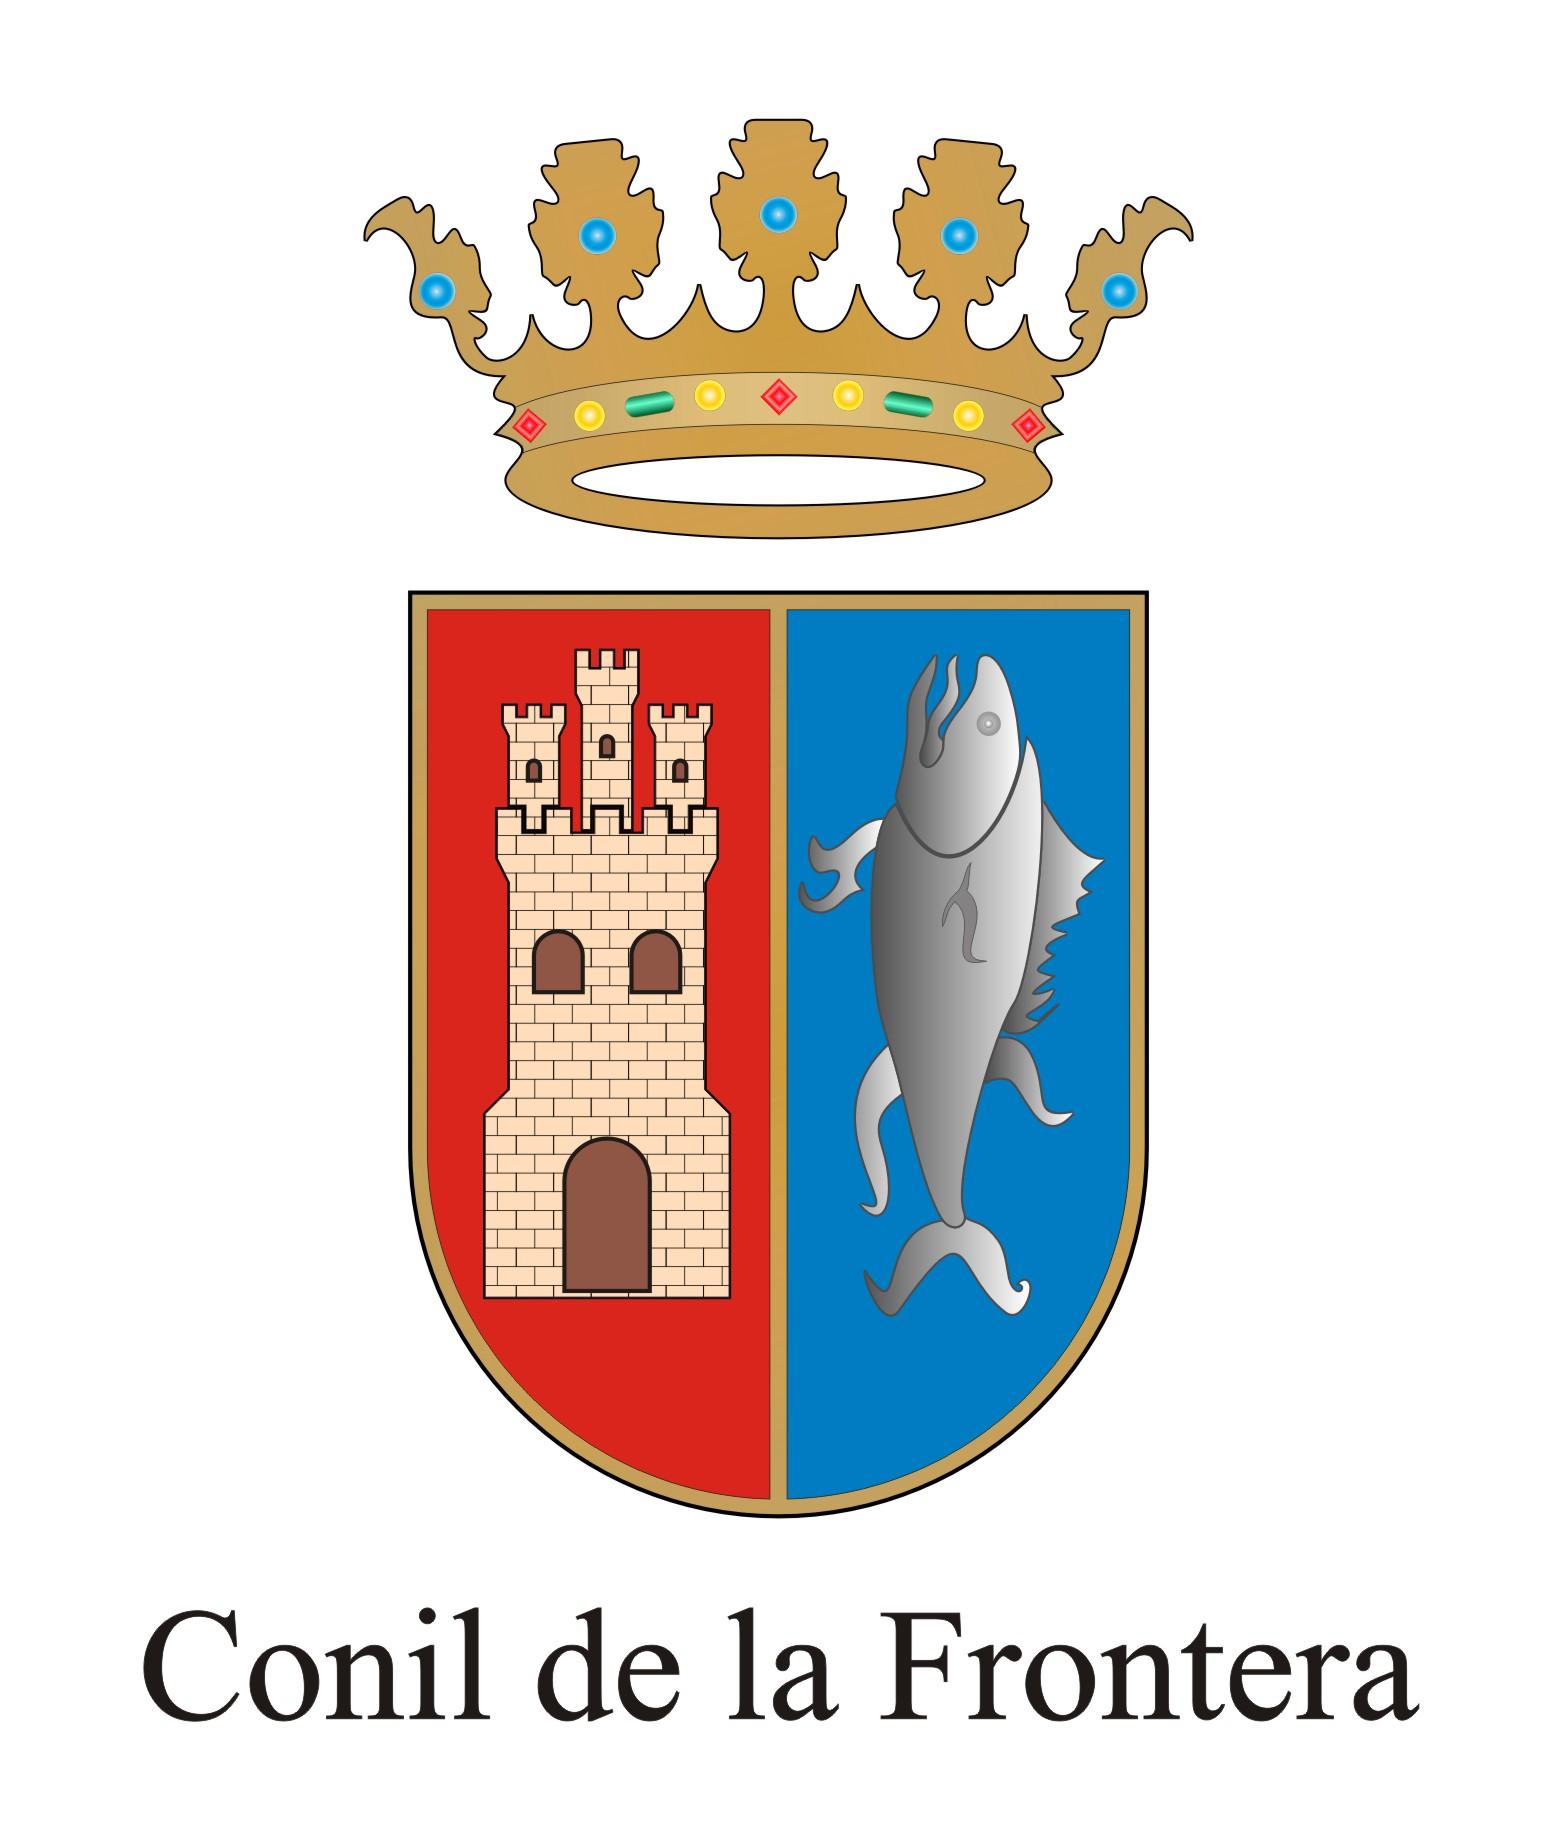 File:Conil de la frontera escudo.jpg.